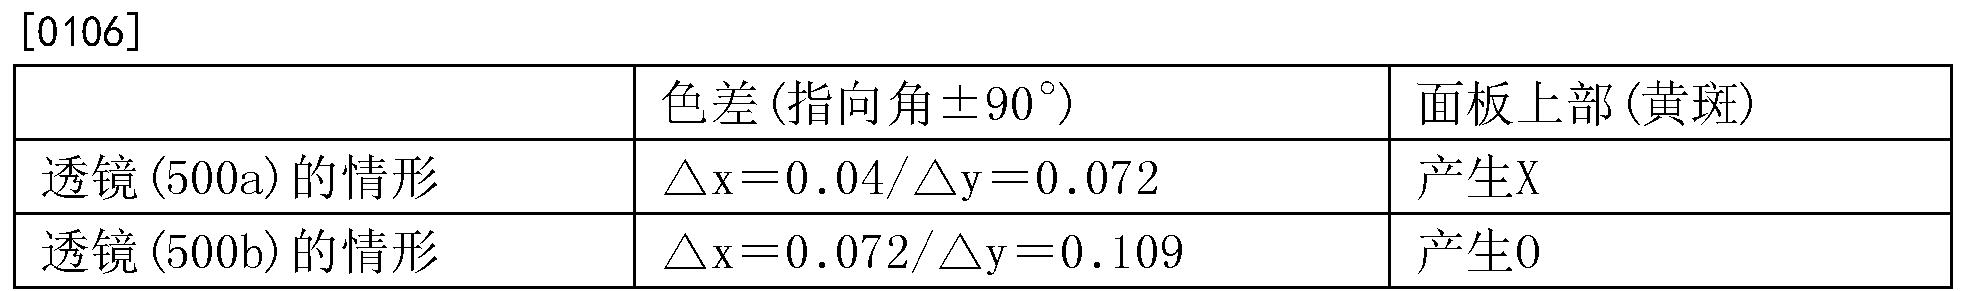 Figure CN105633255BD00102